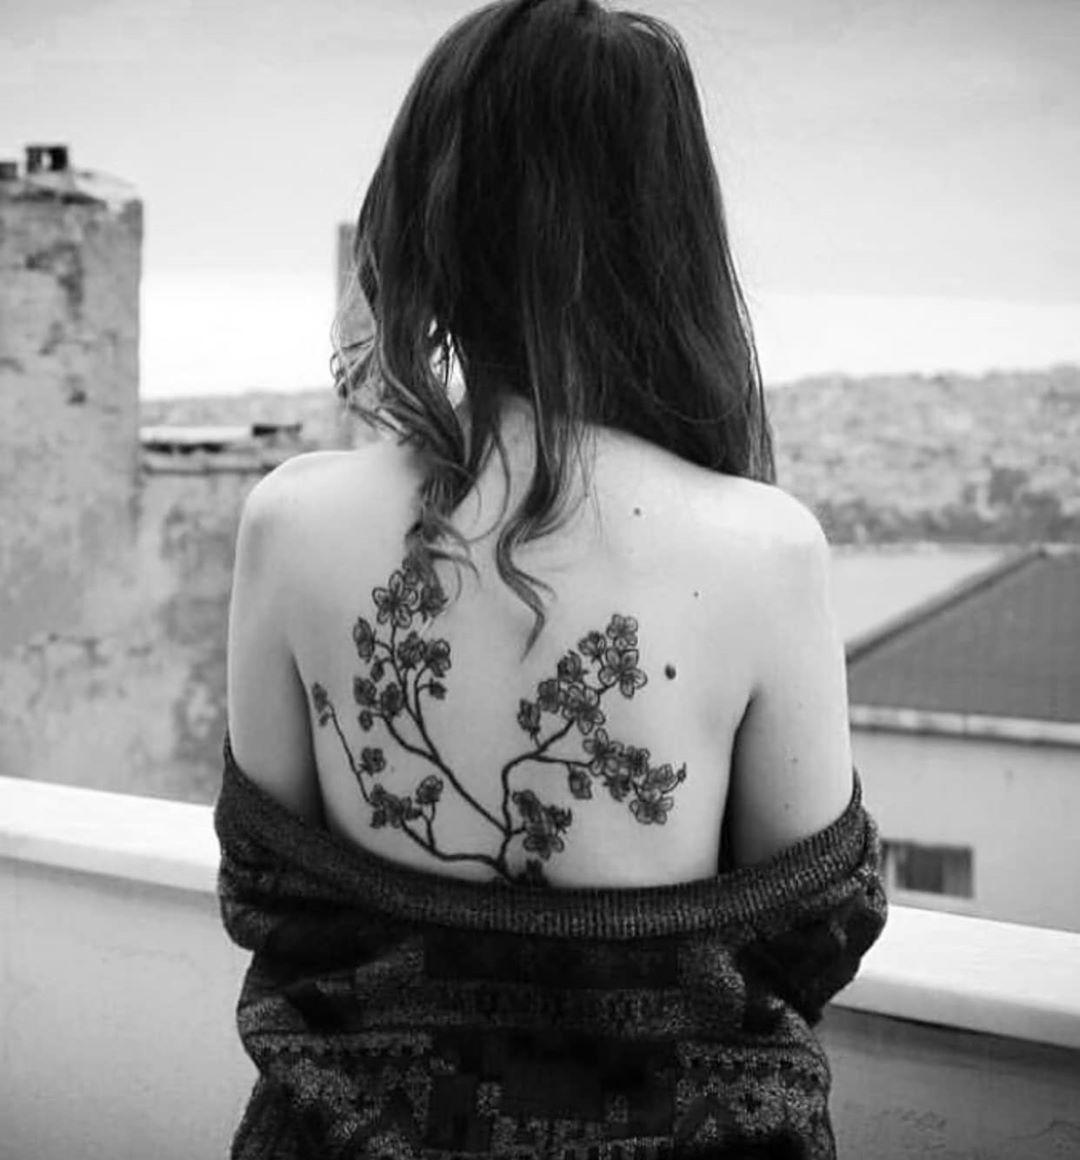 TEL-WHATSAPP:0539 868 3934 - - - - - - - #tattoo #tattoos #tattooer #tattooist #tattooistartmag #tattoomodel #tattoogirl #tattoogirls #tattoowomen #tattoowoman #tattooman #tattoomen #tattooart #tattooartist #tattooartists #tattooartwork #tattooink #tattooed #tattooedlife #erdek #bandırma #tattooedgirls #tattooedgirl #istiklalstreet #dövme #taksim #istanbul #istanbulprovince #istiklalcaddesi #istiklalstreet